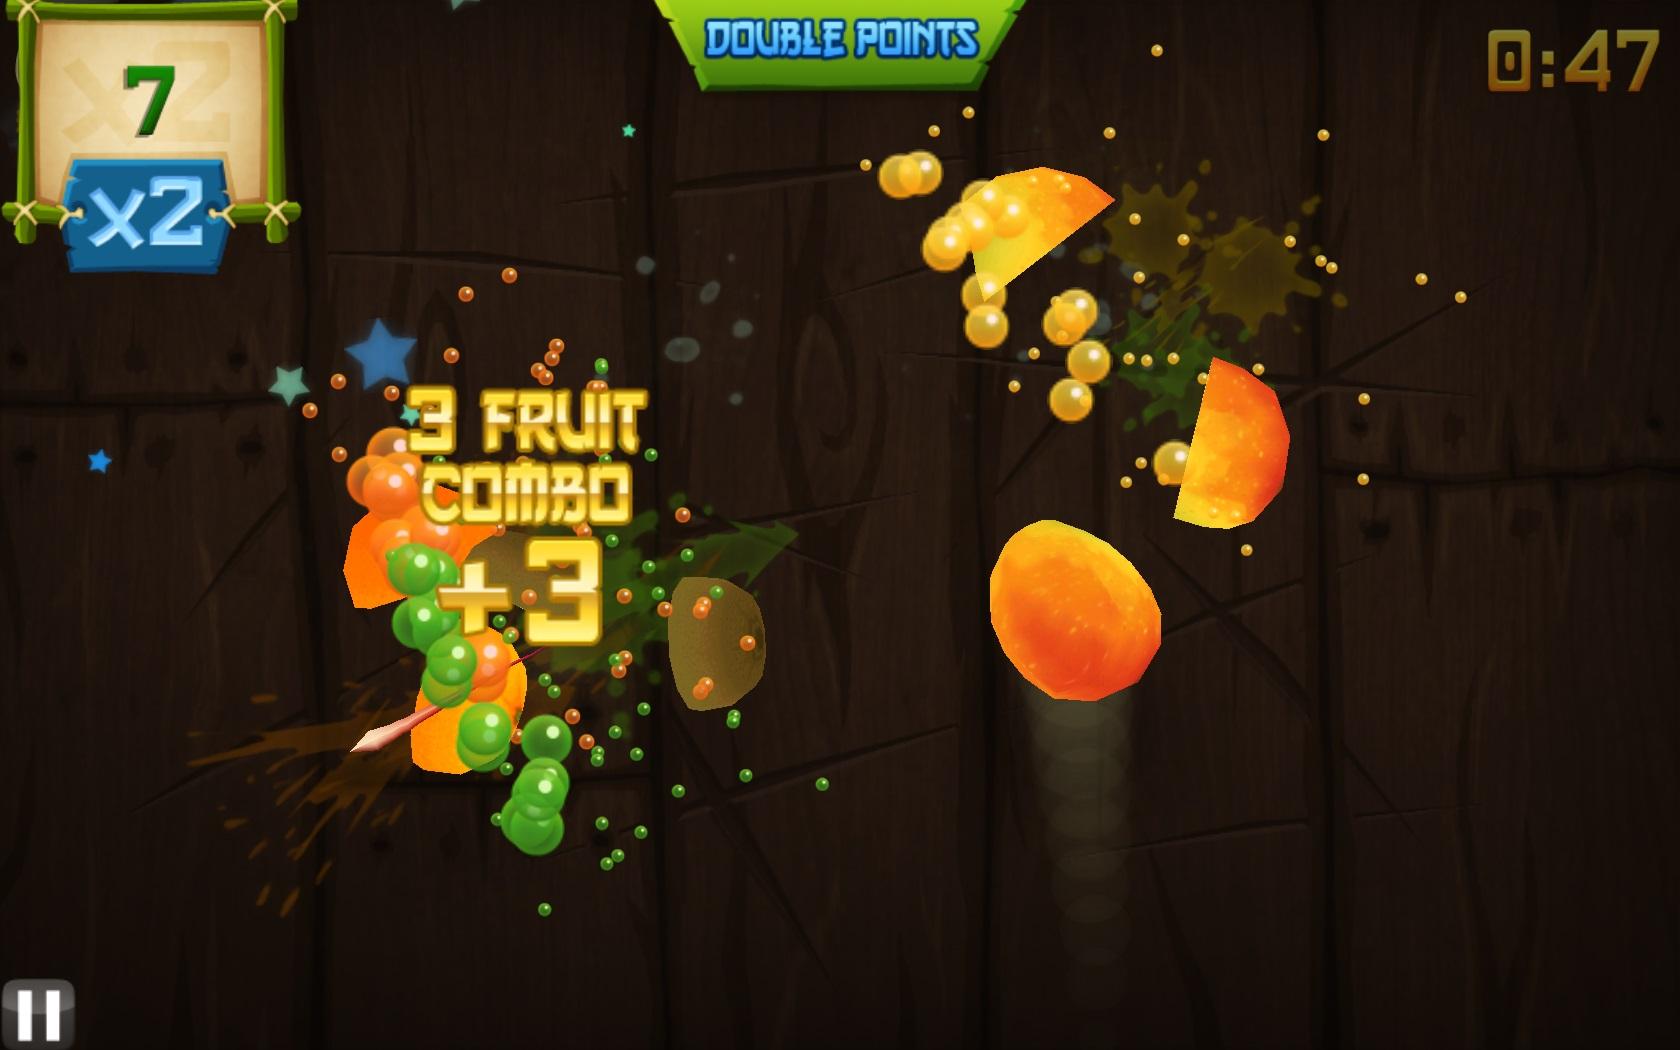 Игра резать фрукты на телефон Андроид - YouTube